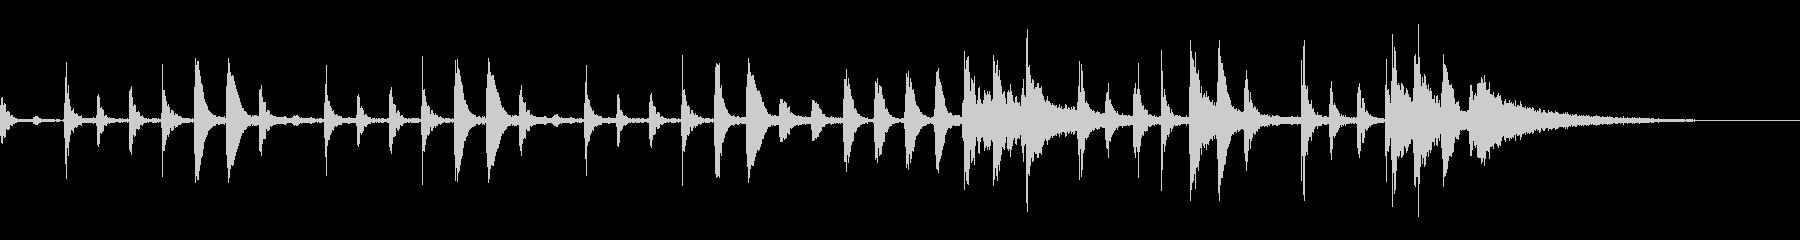 ランチェロリズム、遅いテンポから速...の未再生の波形